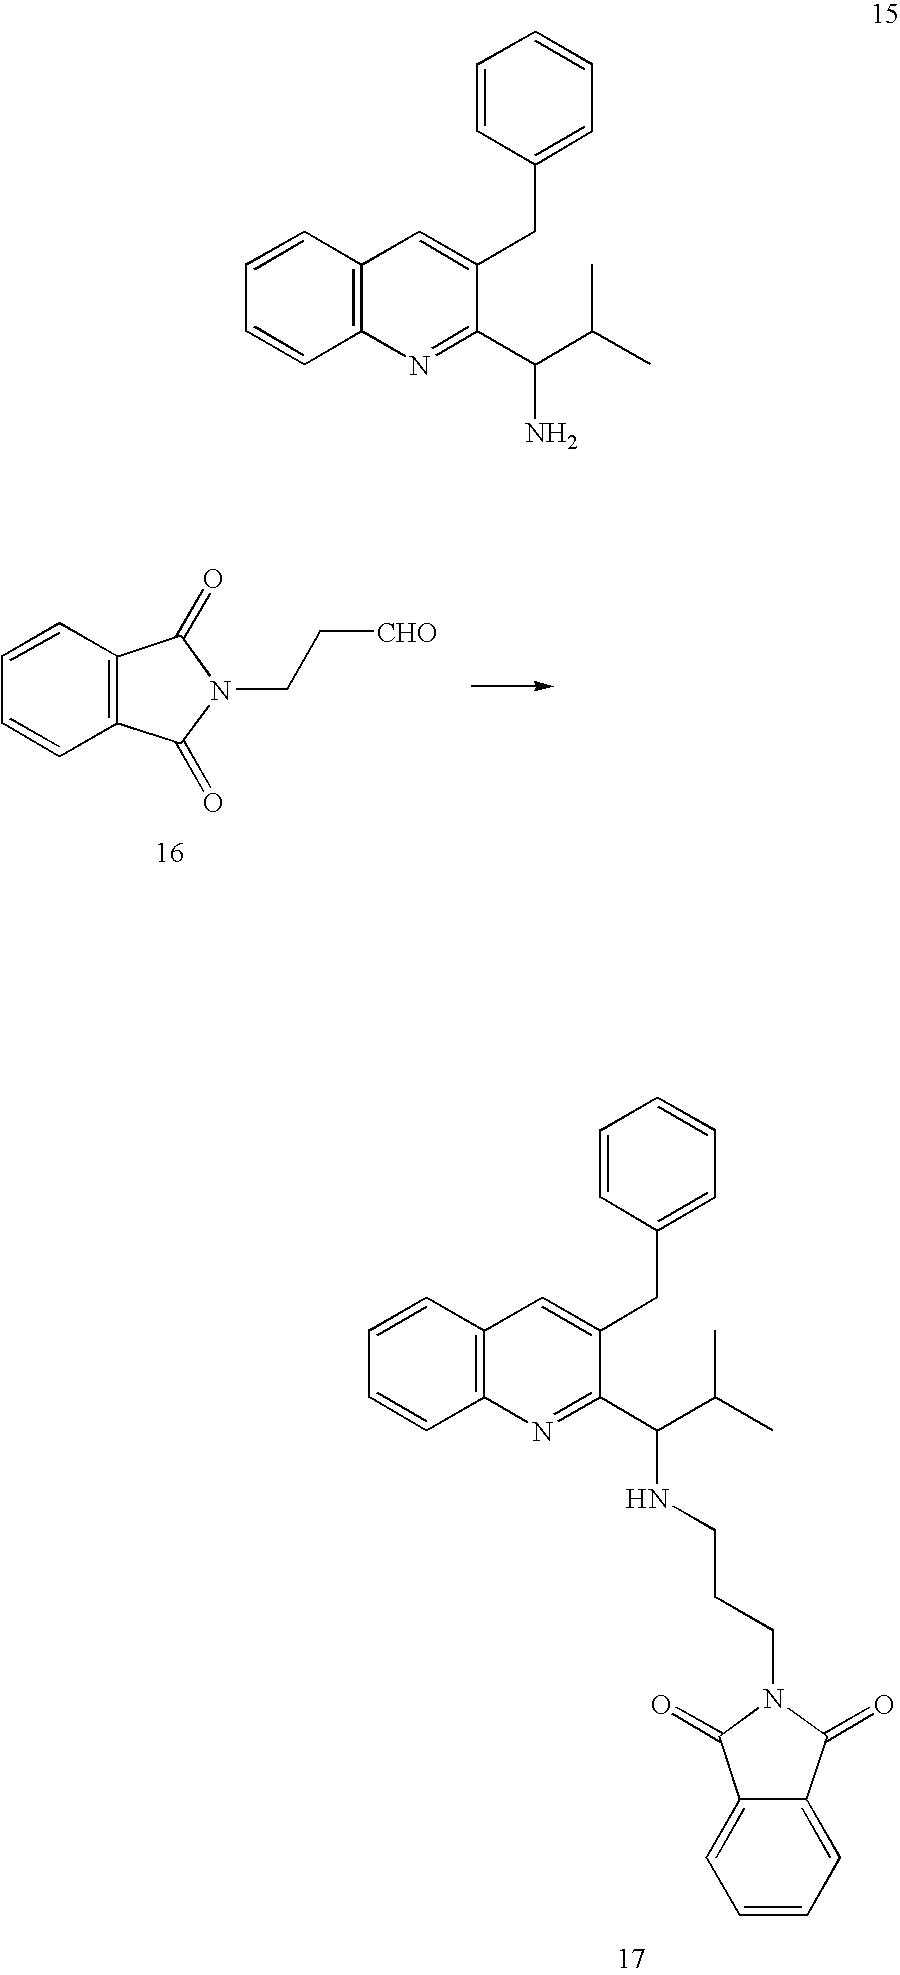 Figure US07452996-20081118-C00013